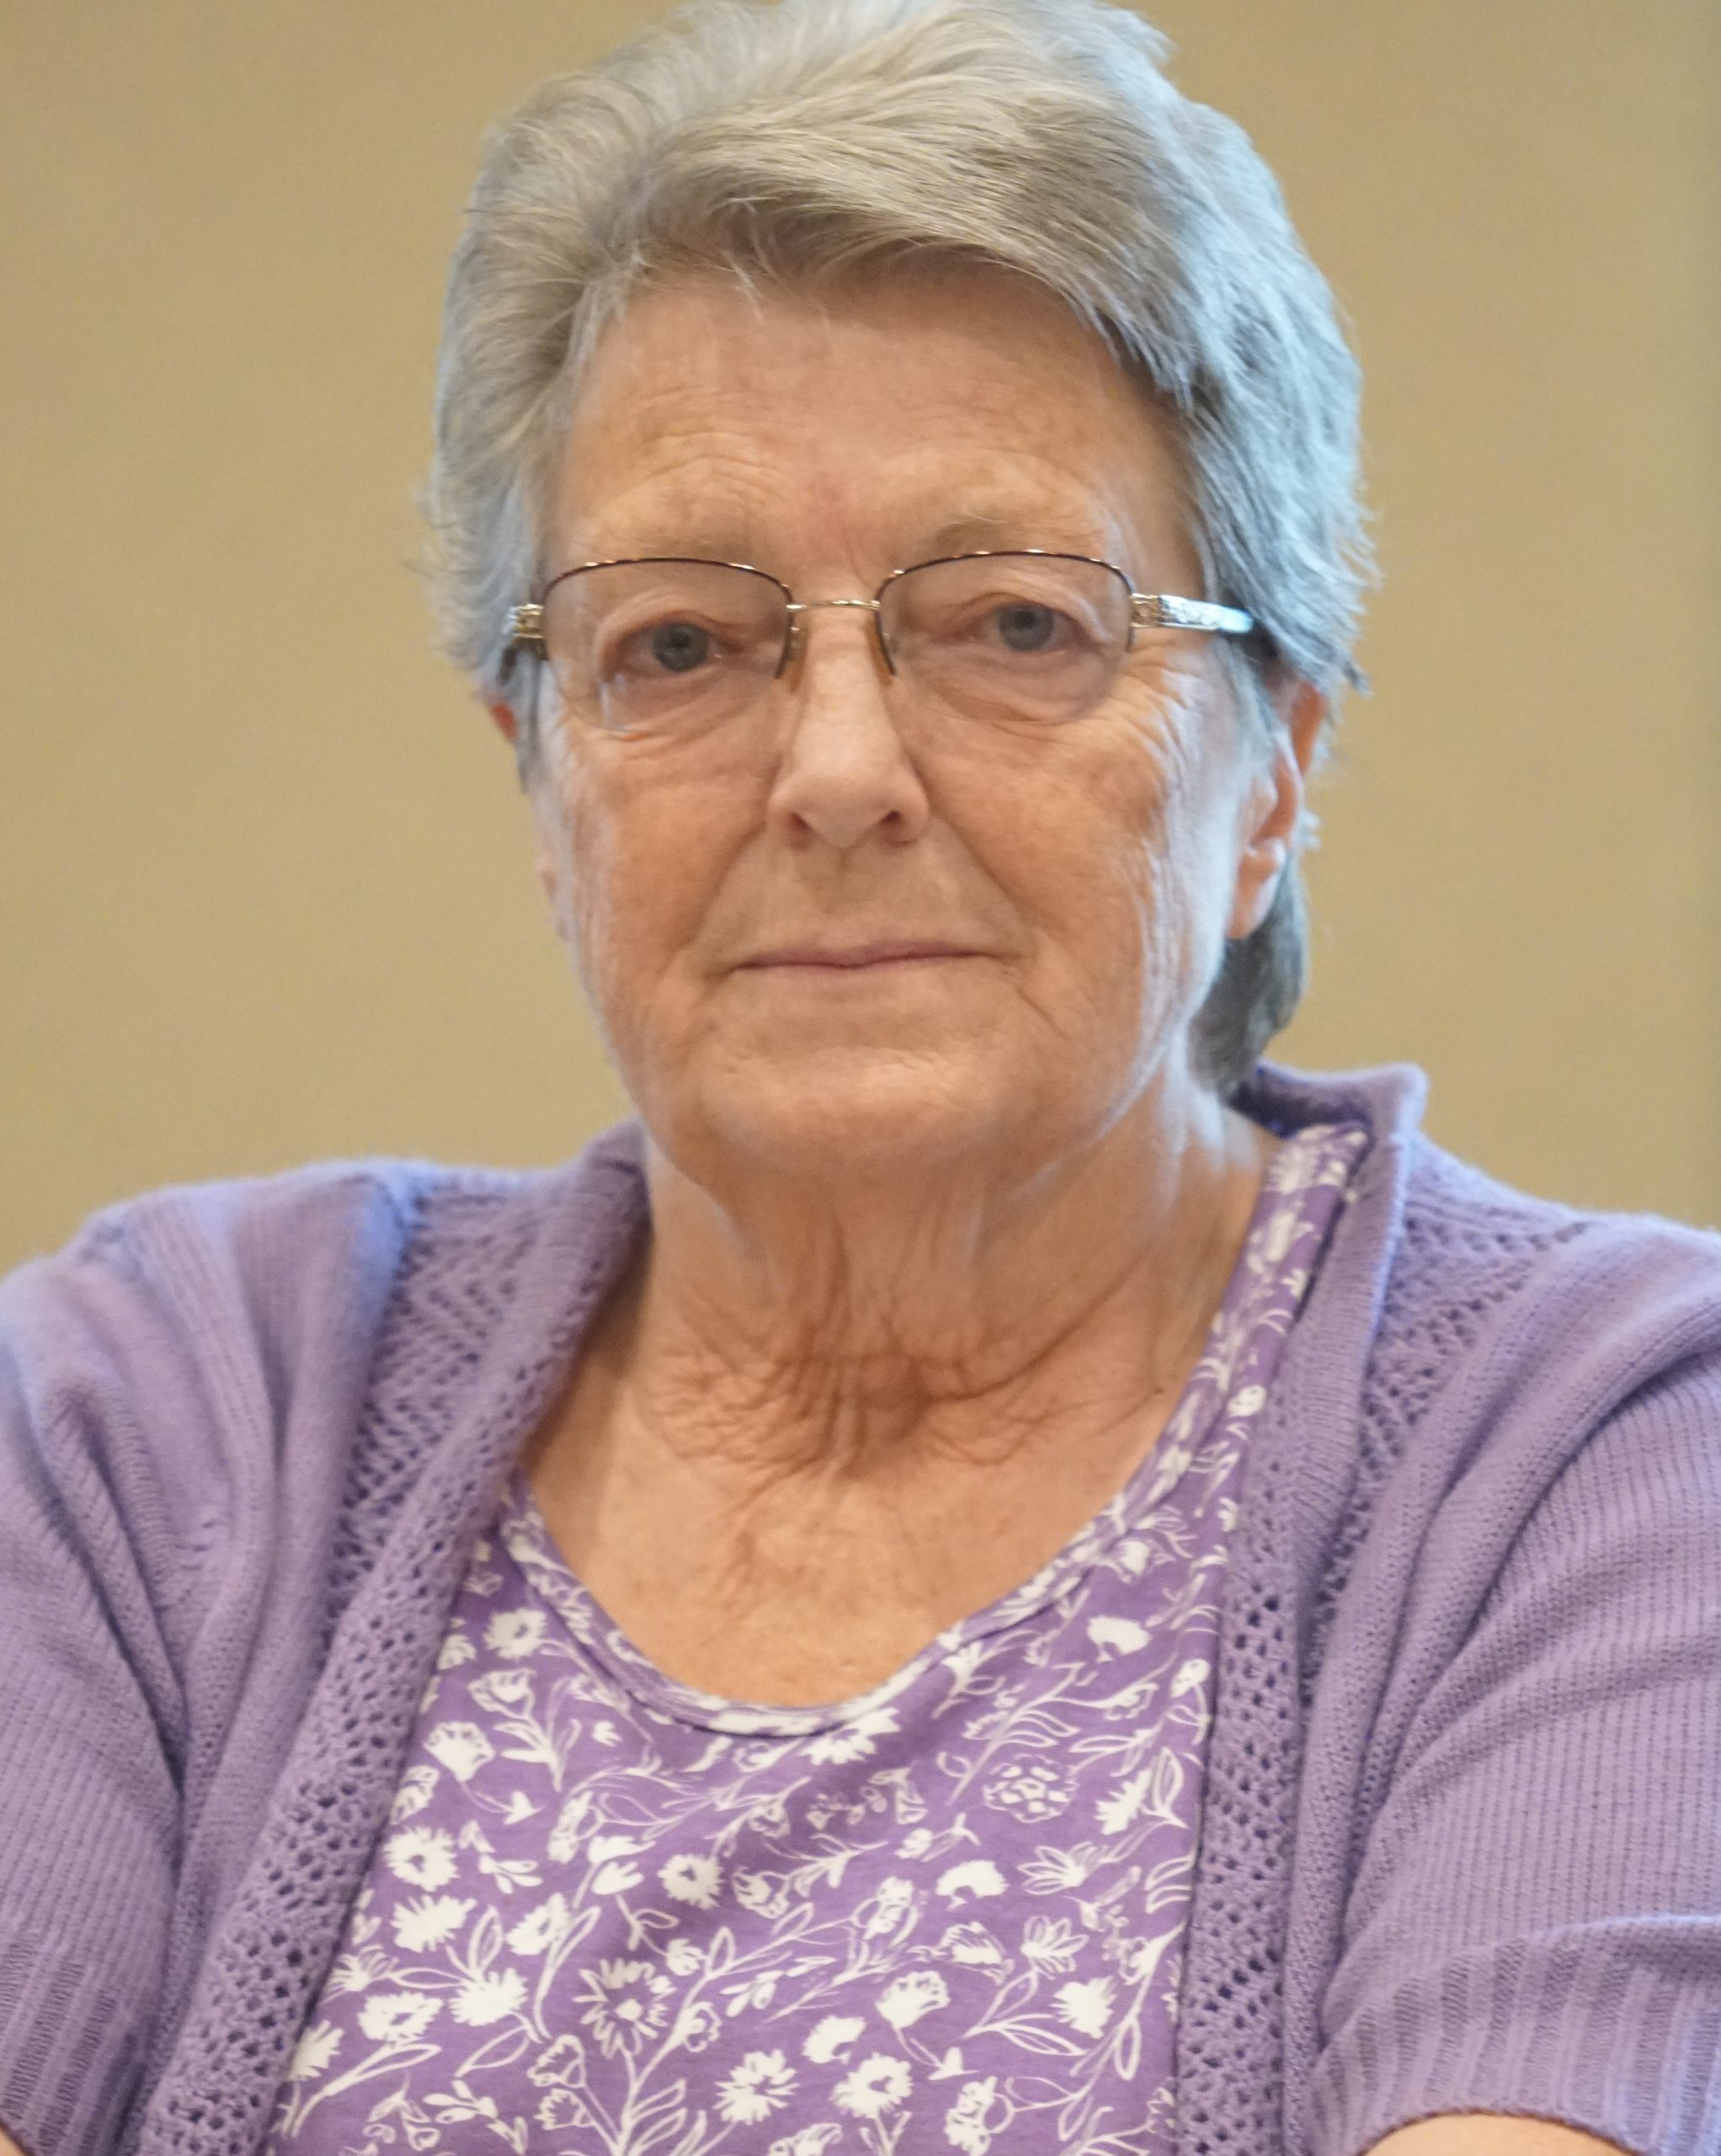 Connie Burns